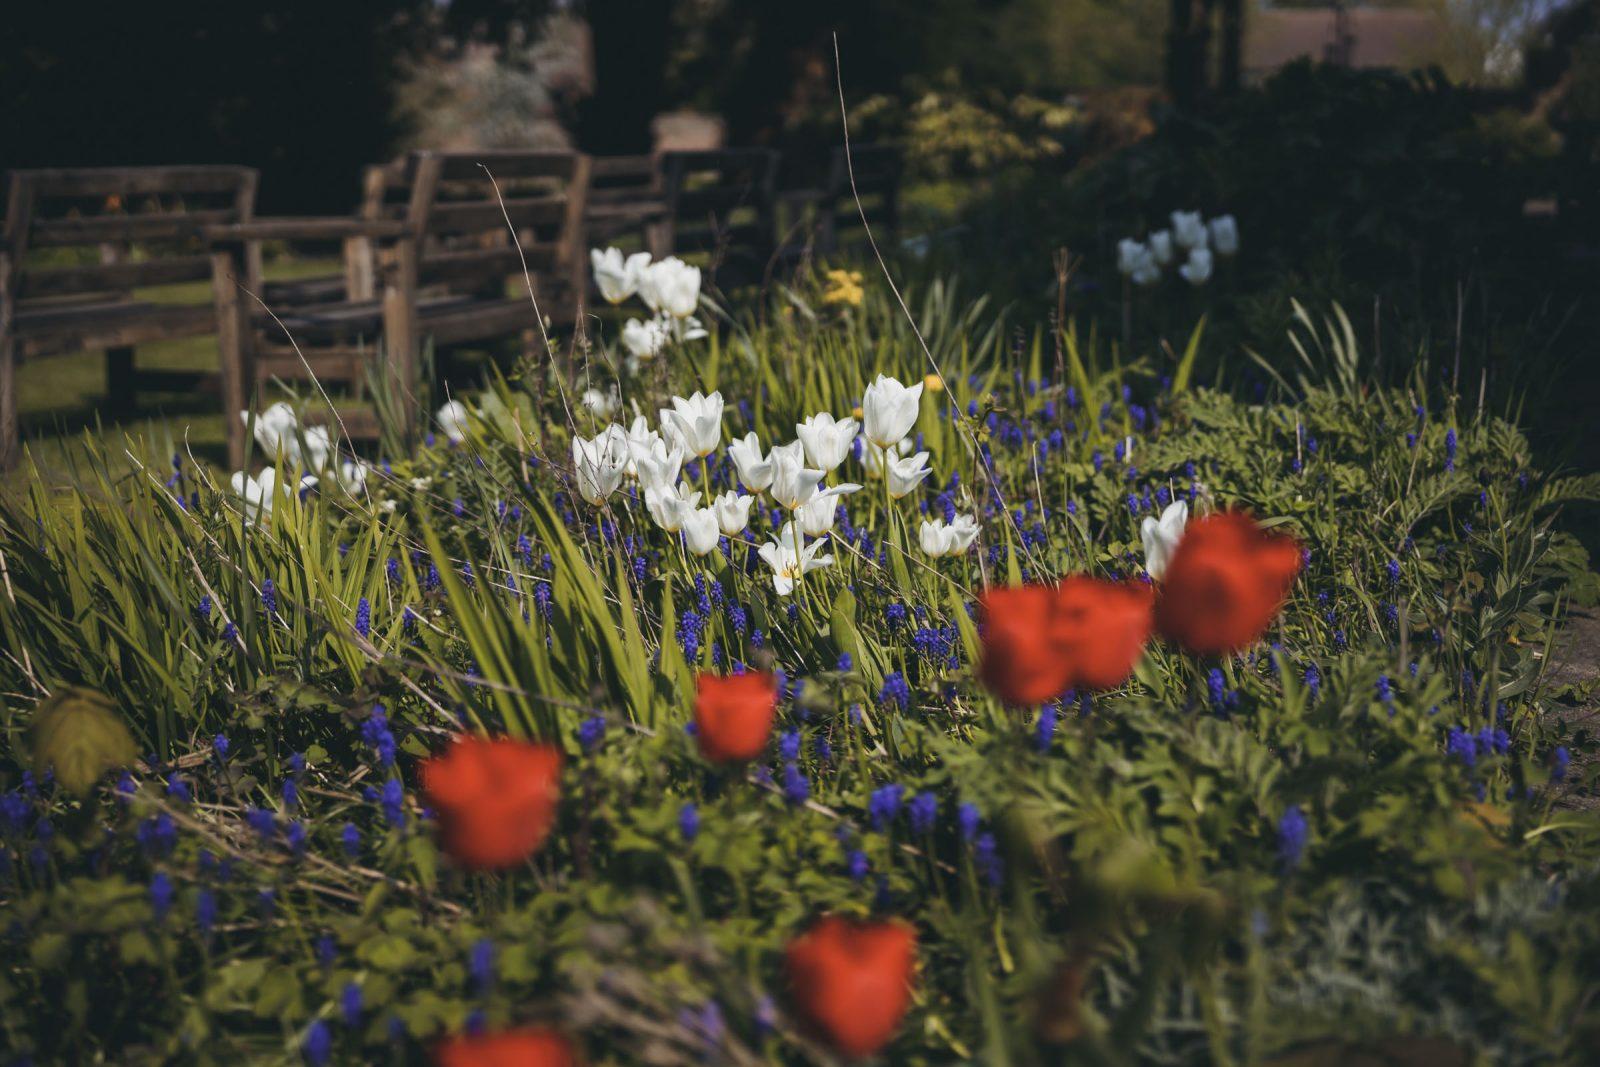 Quiet Days in the garden